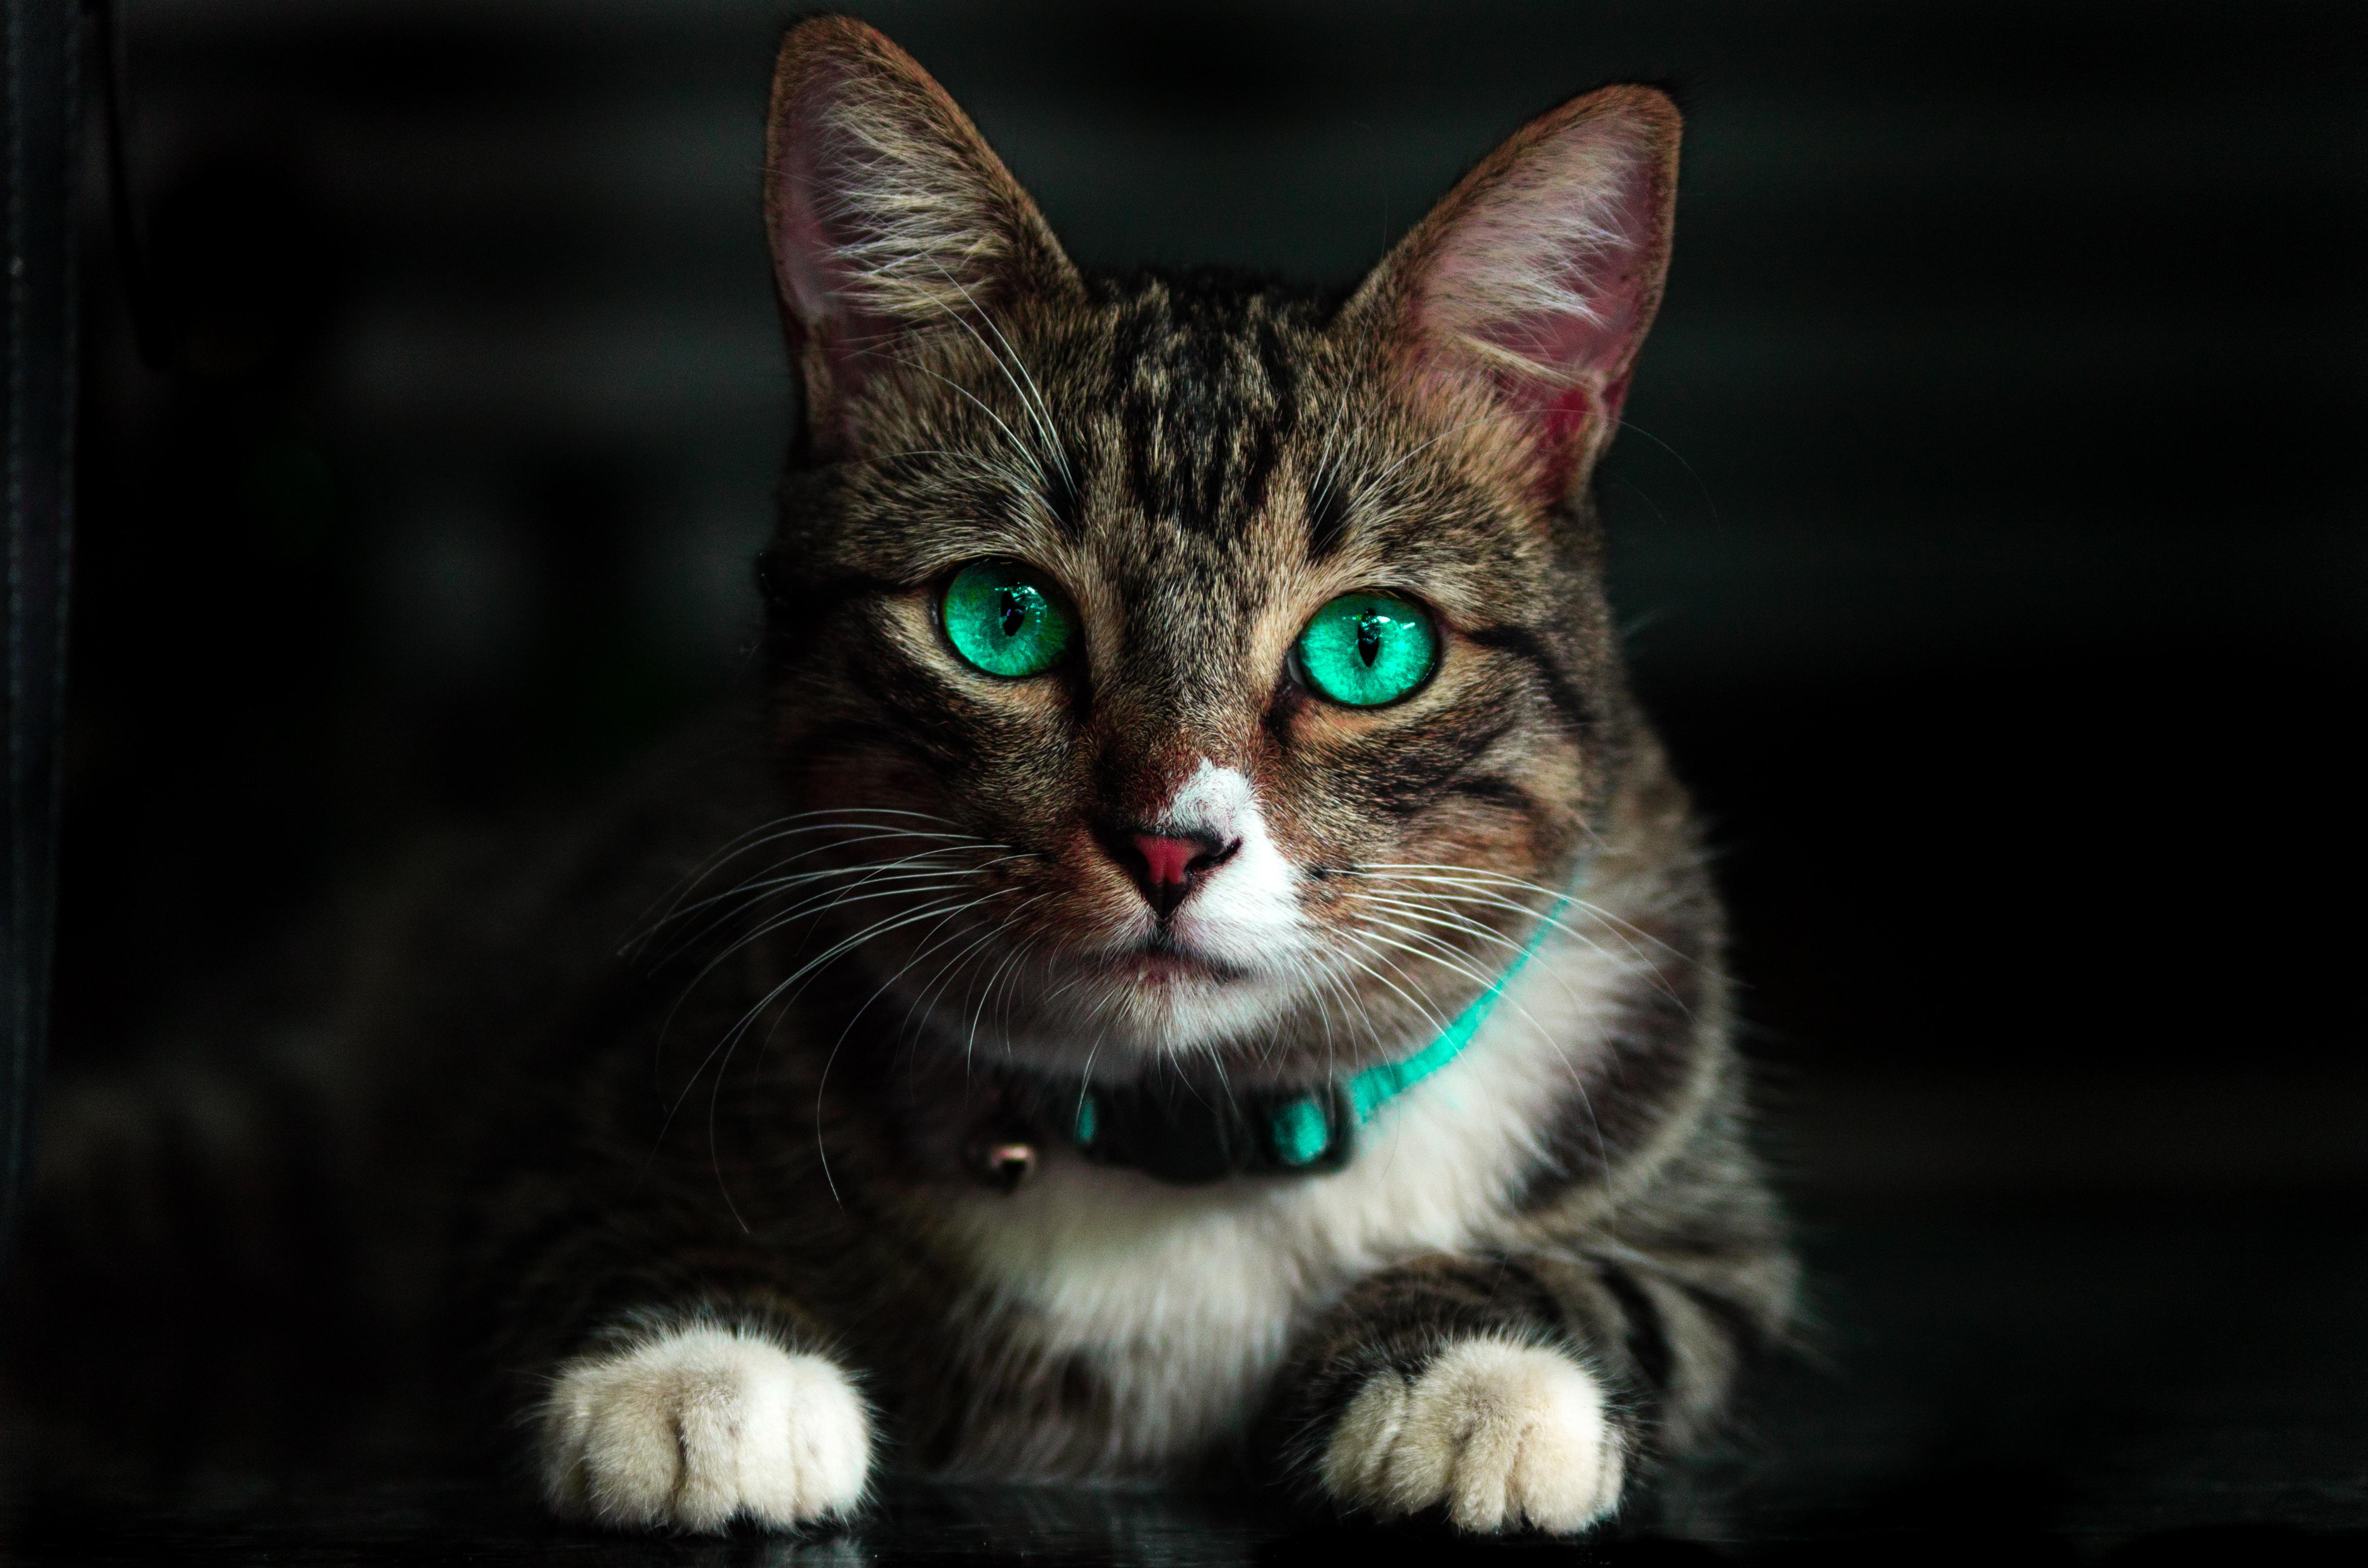 Кот взгляд испуганный  № 650740 бесплатно